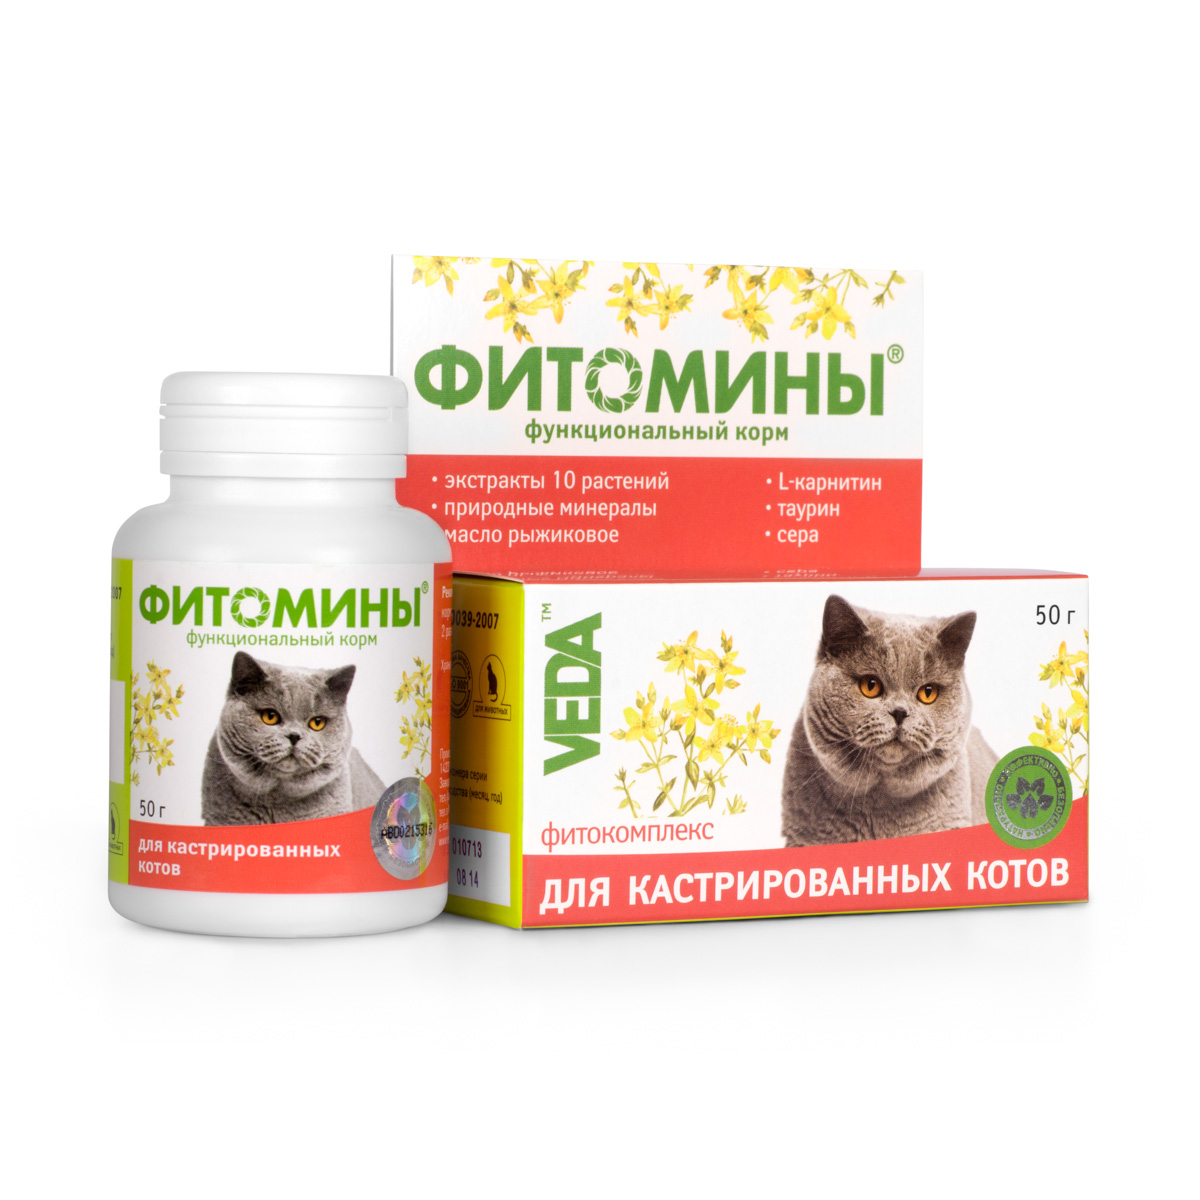 Корм VEDA Фитомины для кастрированных котов, функциональный, 50 г12171996Корм функциональный VEDA Фитомины рекомендуется кастрированным котам и стерилизованным кошкам:- для укрепления здоровья и улучшения качества жизни; - для снижения риска развития мочекаменной болезни и ожирения.Состав: лактоза; крахмал; дрожжи пивные; фитокомплекс: листьев березы, створок фасоли, листьев подорожника большого, травы душицы, корней одуванчика, травы тысячелистника, цветков ноготков, травы зверобоя, цветков лабазника вязолистного, листьев мяты перечной; природный минеральный комплекс; паровая рыбная мука; стеарат кальция; масло рыжиковое; L-карнитин; таурин; сера. Товар сертифицирован.